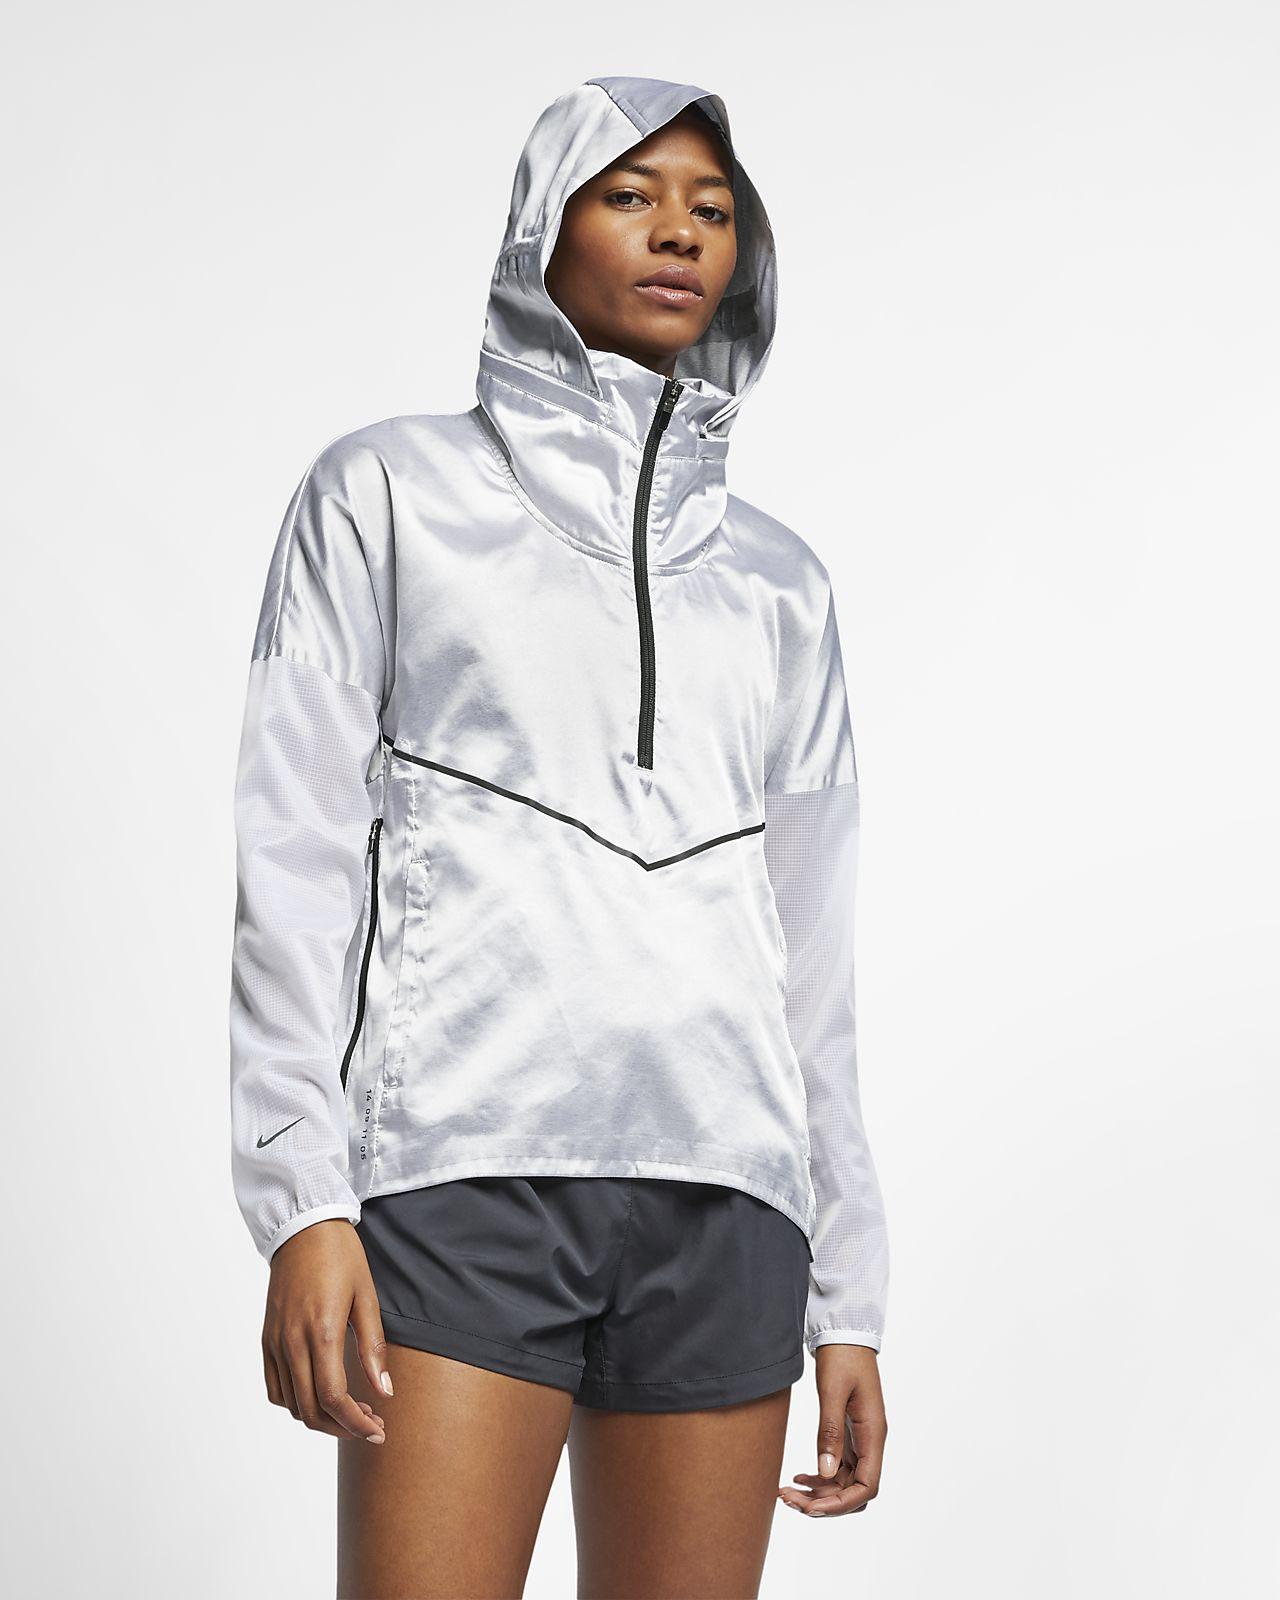 84e57be9 Nike løpejakke med hette til dame. Nike.com NO